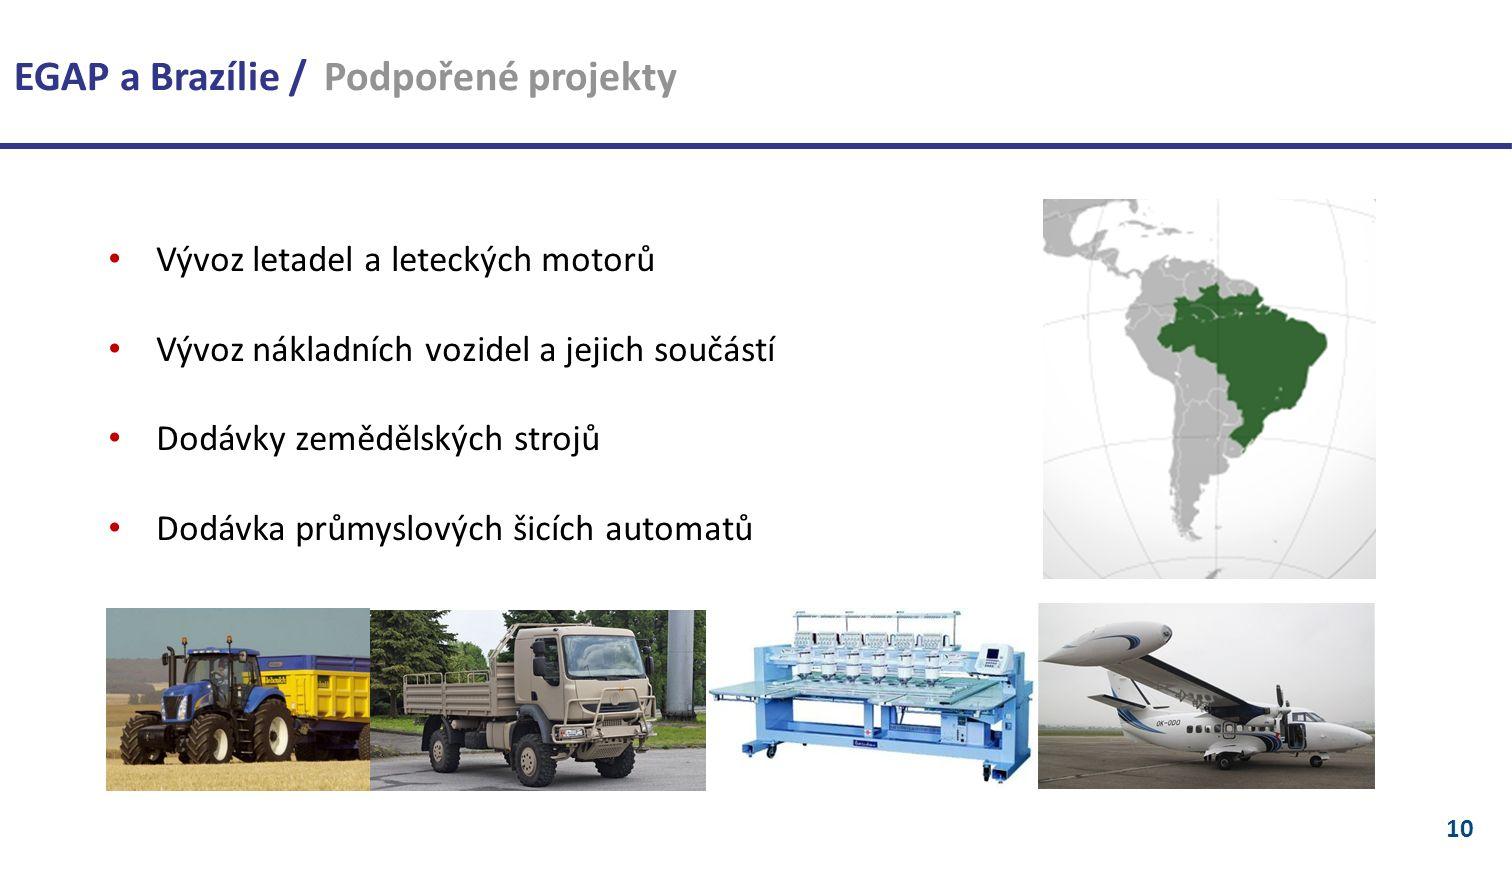 10 EGAP a Brazílie / Podpořené projekty Vývoz letadel a leteckých motorů Vývoz nákladních vozidel a jejich součástí Dodávky zemědělských strojů Dodávka průmyslových šicích automatů